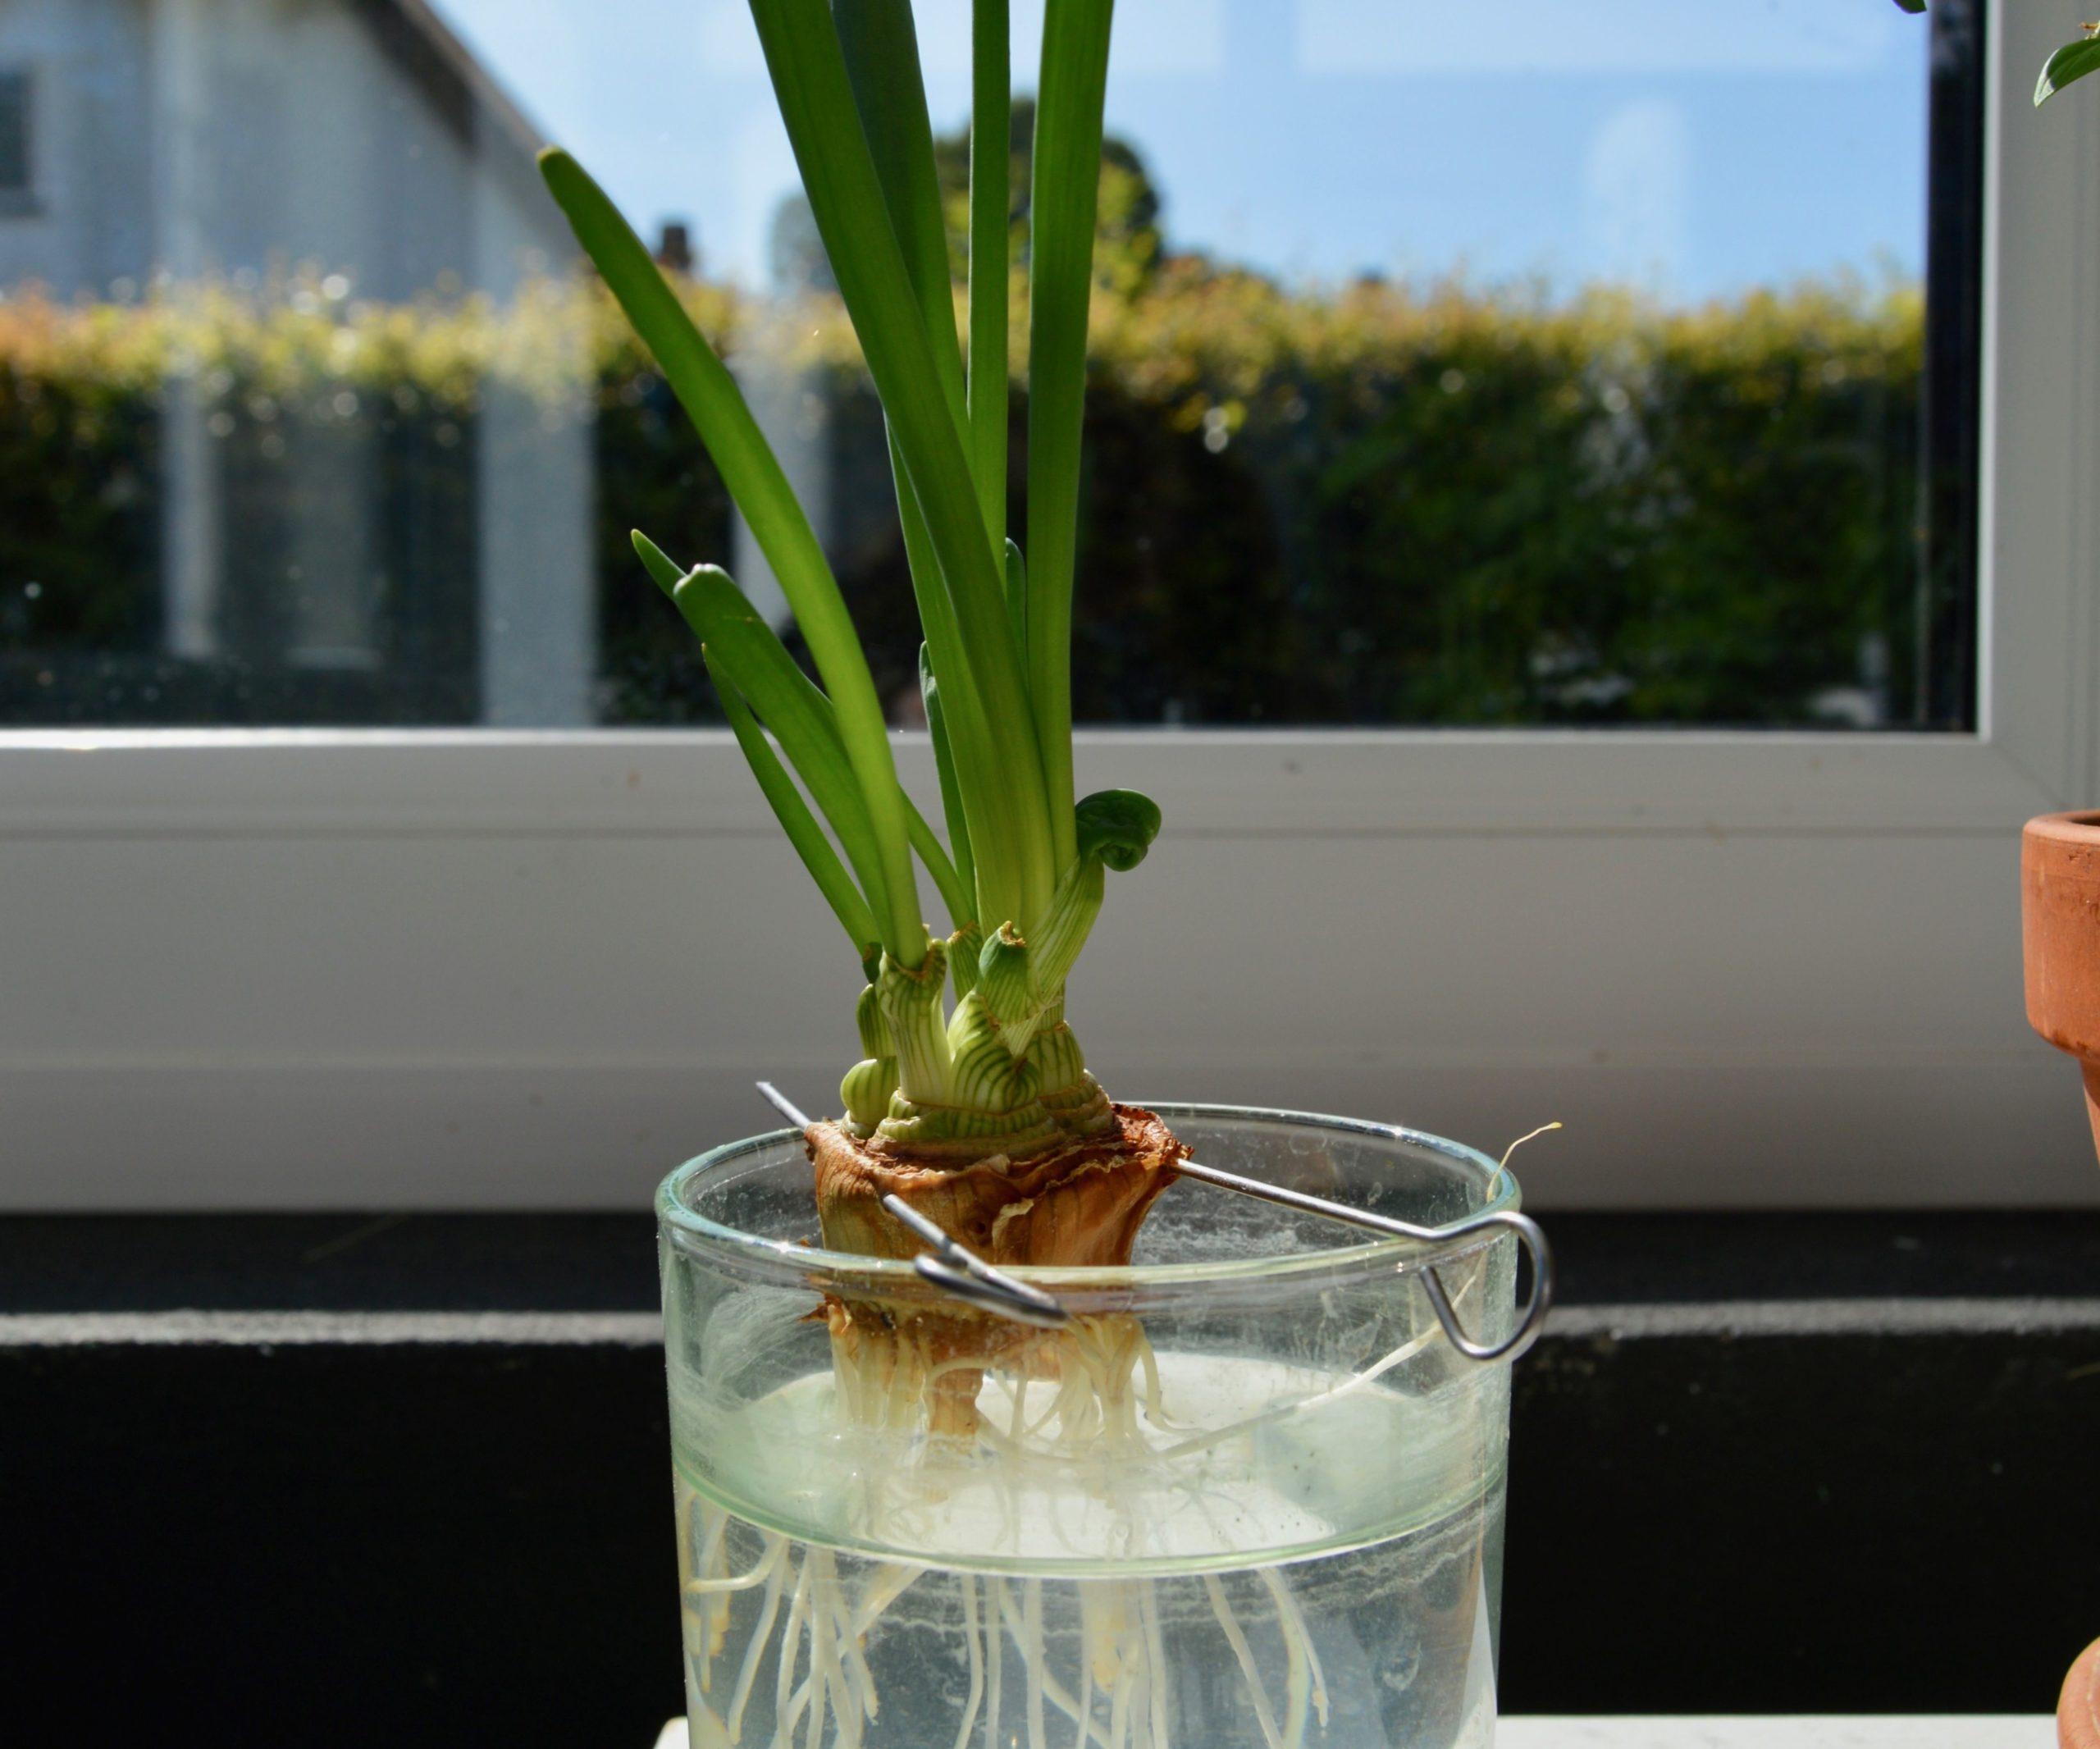 7 loại cây cảnh nên trồng trong nhà bếp vì lọc không khí và khử mùi cực tốt - Ảnh 3.